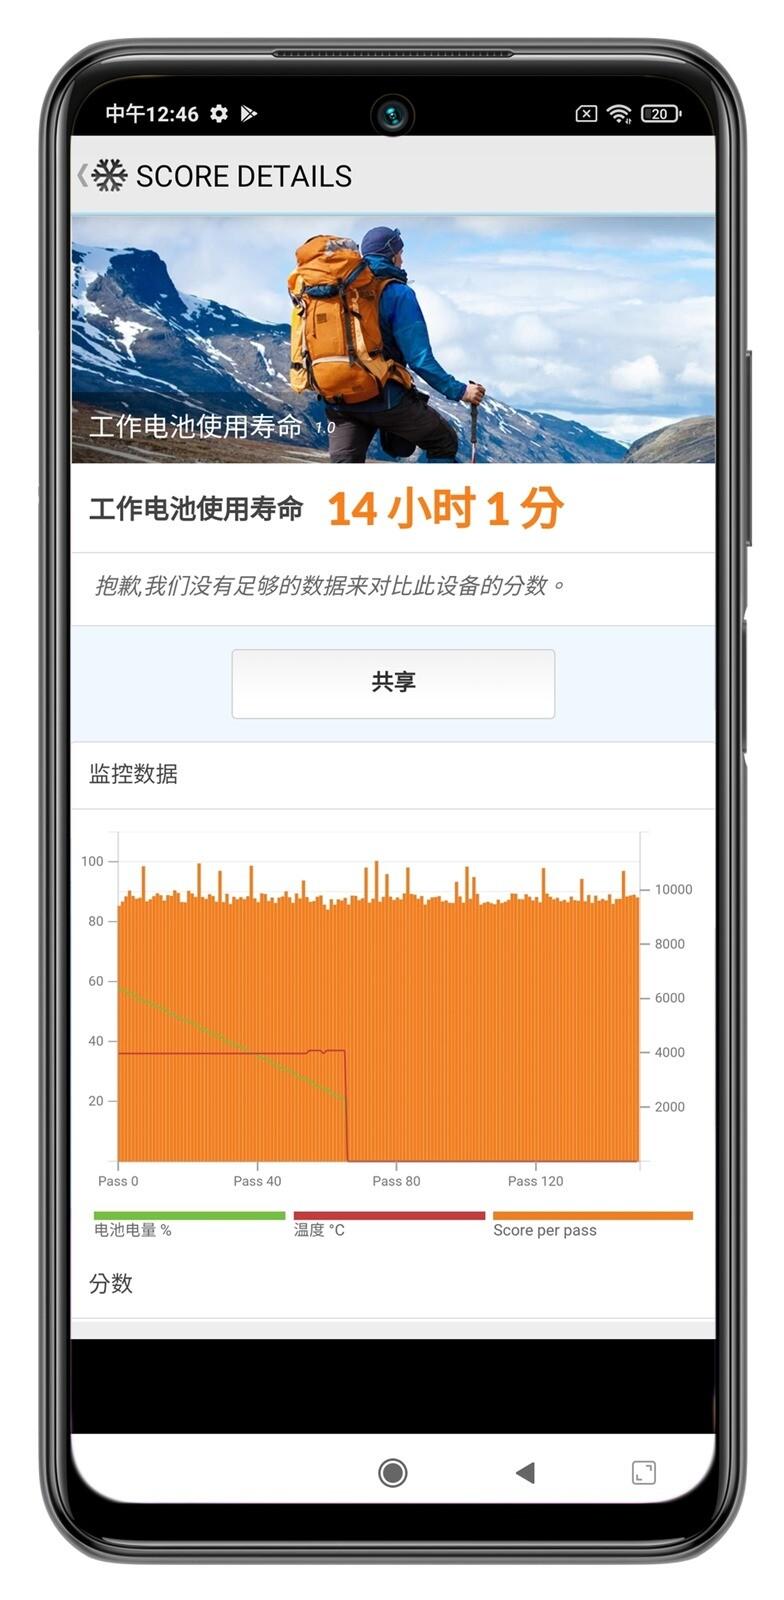 Screenshot_2021-06-15-12-46-17-565_lockscreen.jpg @3C 達人廖阿輝